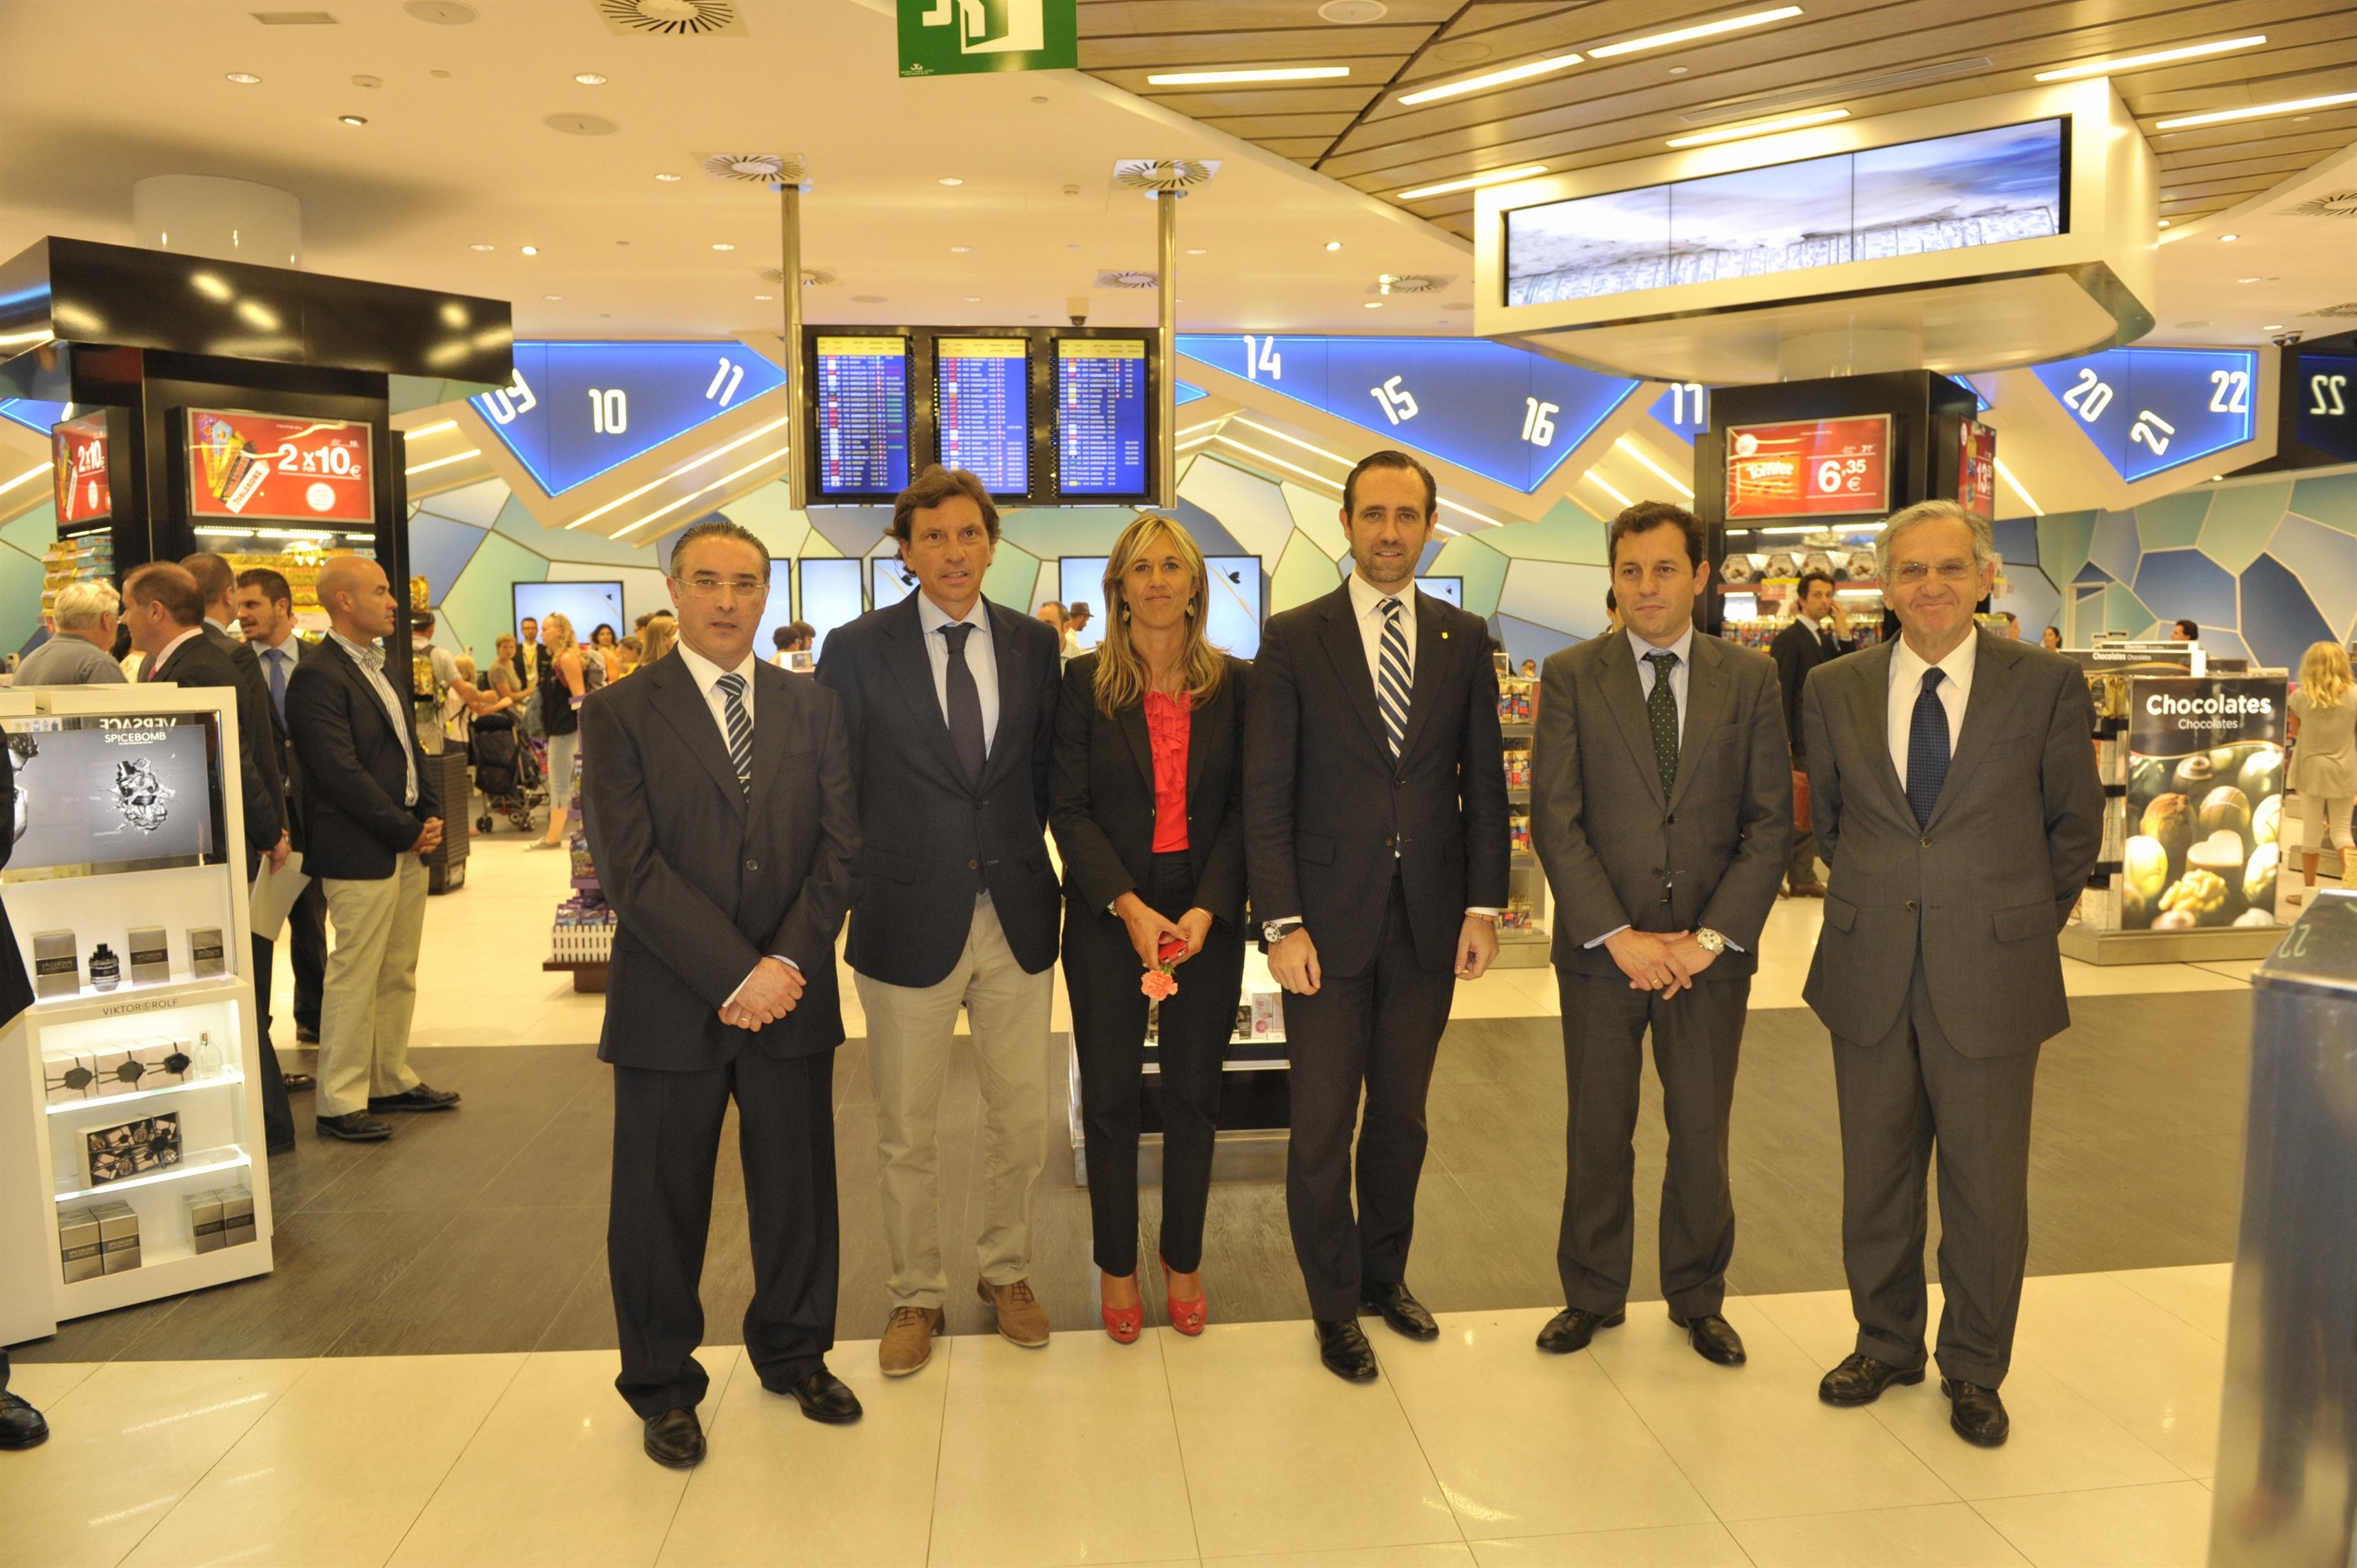 Bauzá dice que los récords de pasajeros confirman que Baleares está en «un momento álgido» de la temporada turística